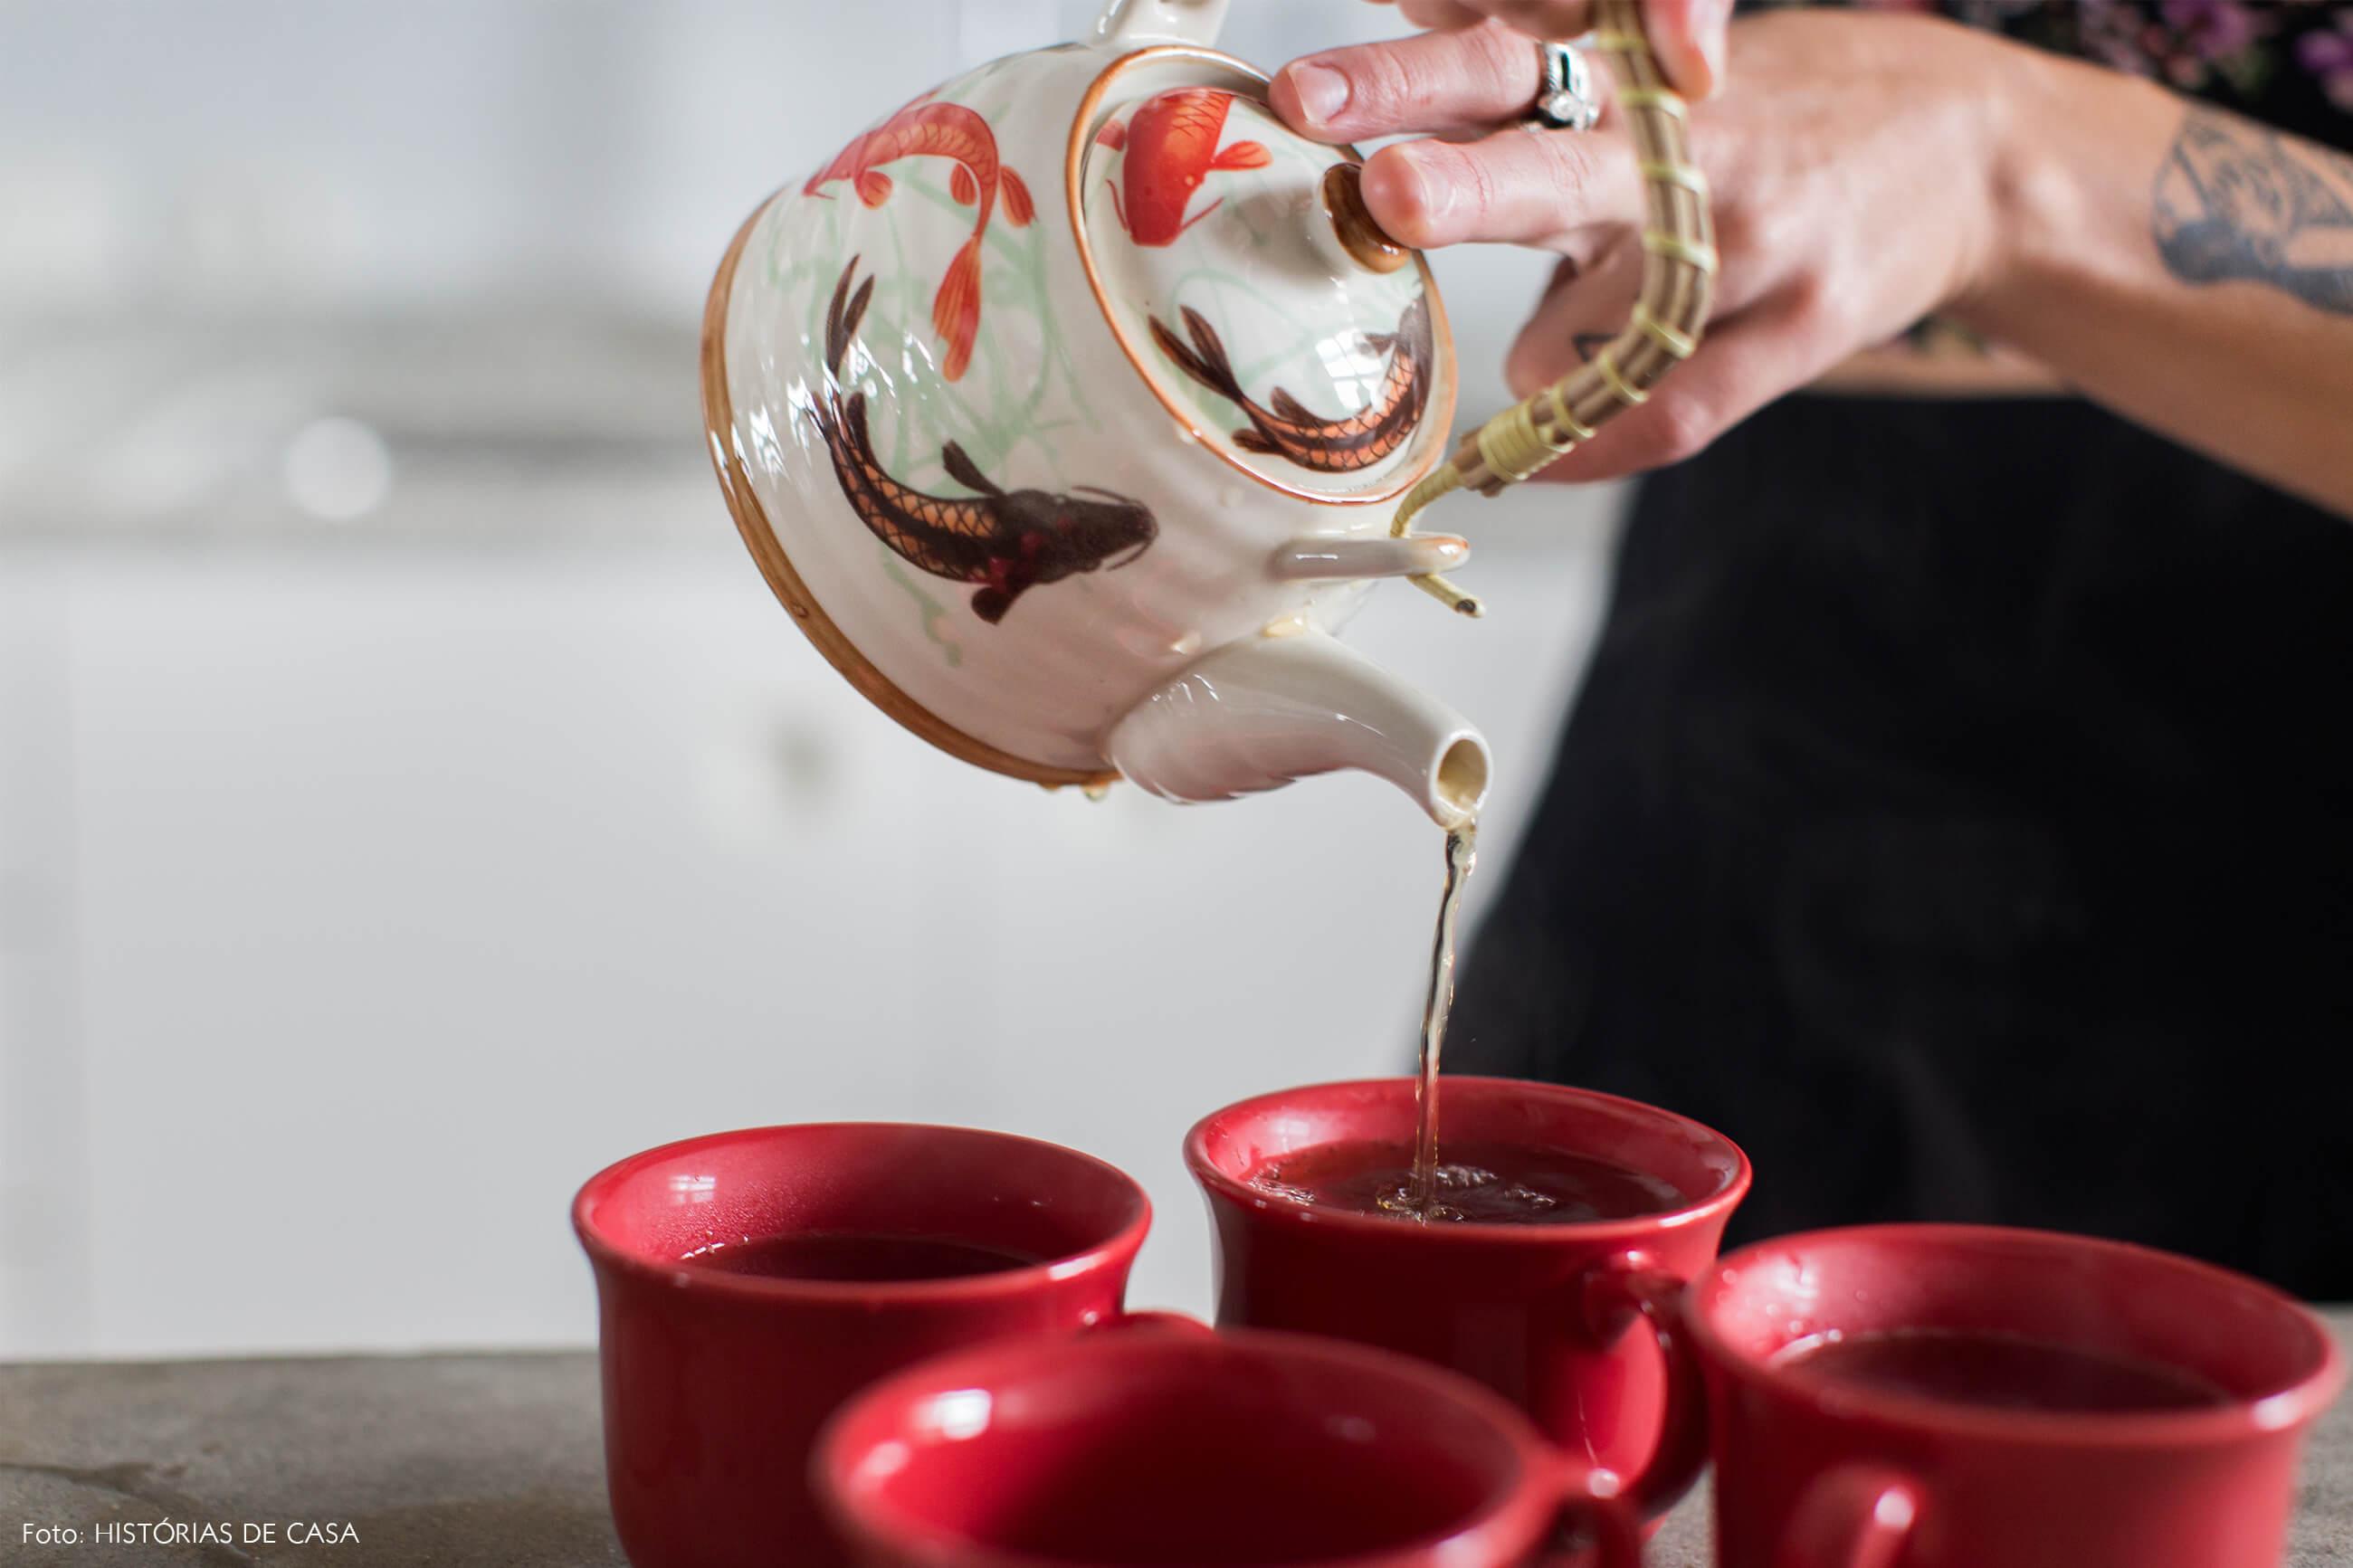 Ap decoração copan detalhe retrato chá xícaras vermelhas